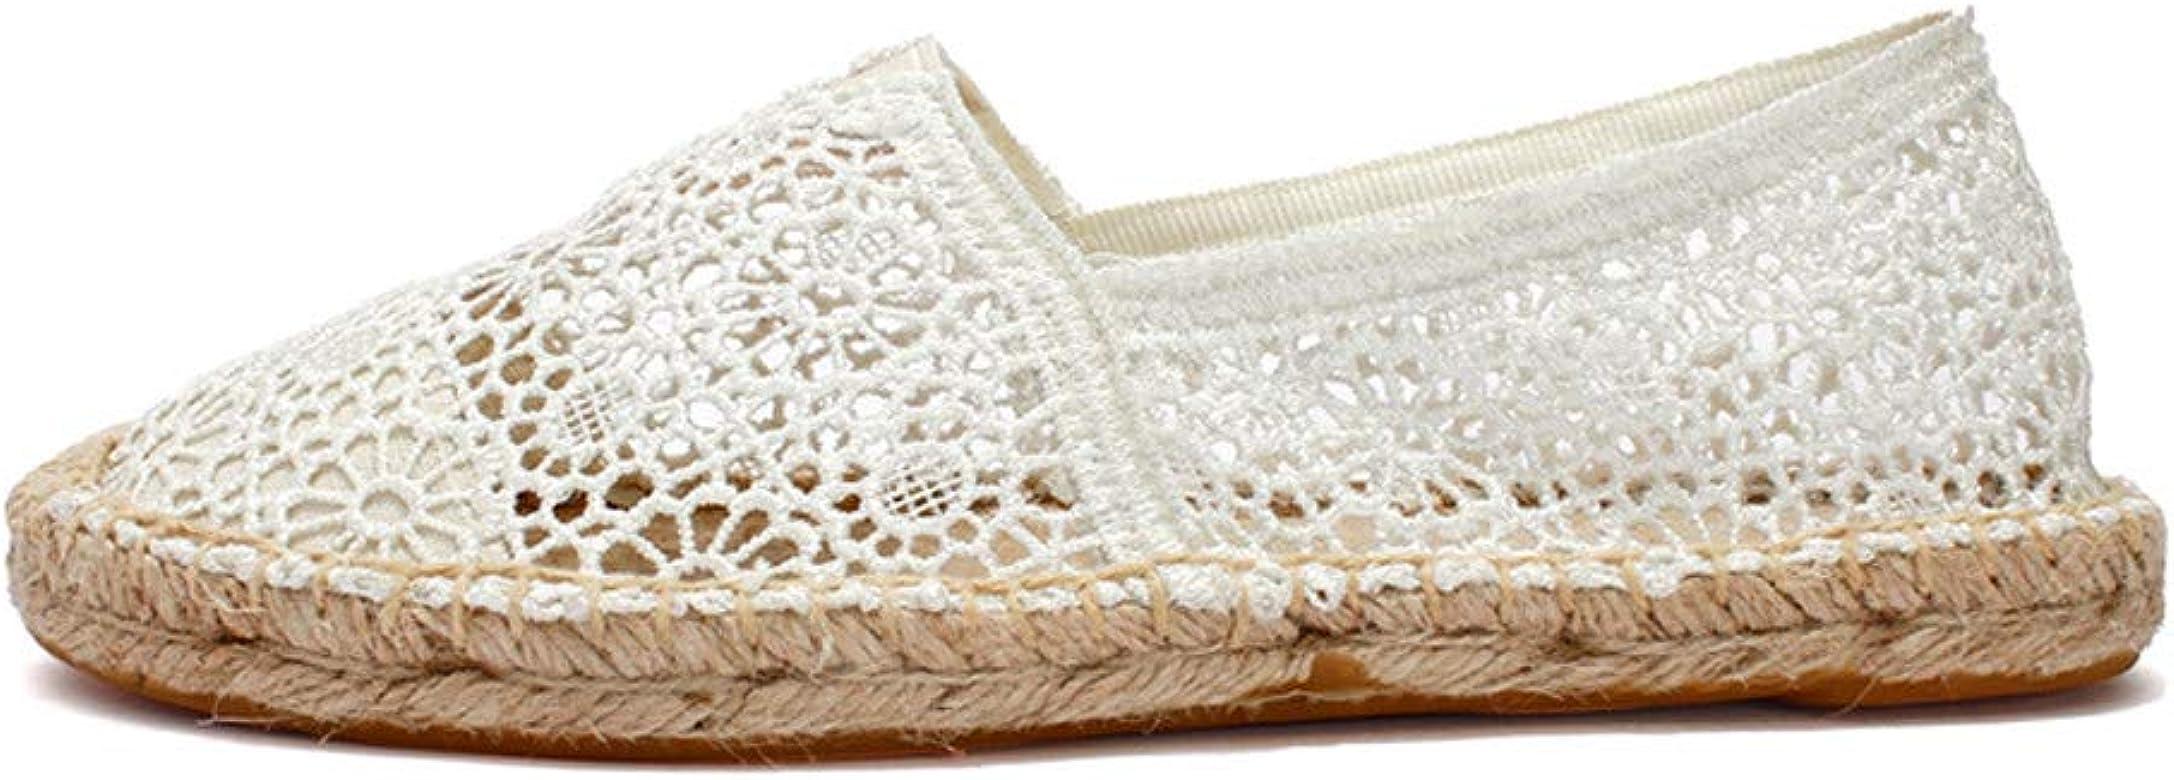 Alikeey - Zapatos Elegantes de Mujer con Suela Fina y Suela Fina, Alpargatas con Plataforma Transpirable de Color Liso para el otoño, Verano, Tenis, Plataforma, Running, Zapatillas Blanco Size: 40 EU: Amazon.es: